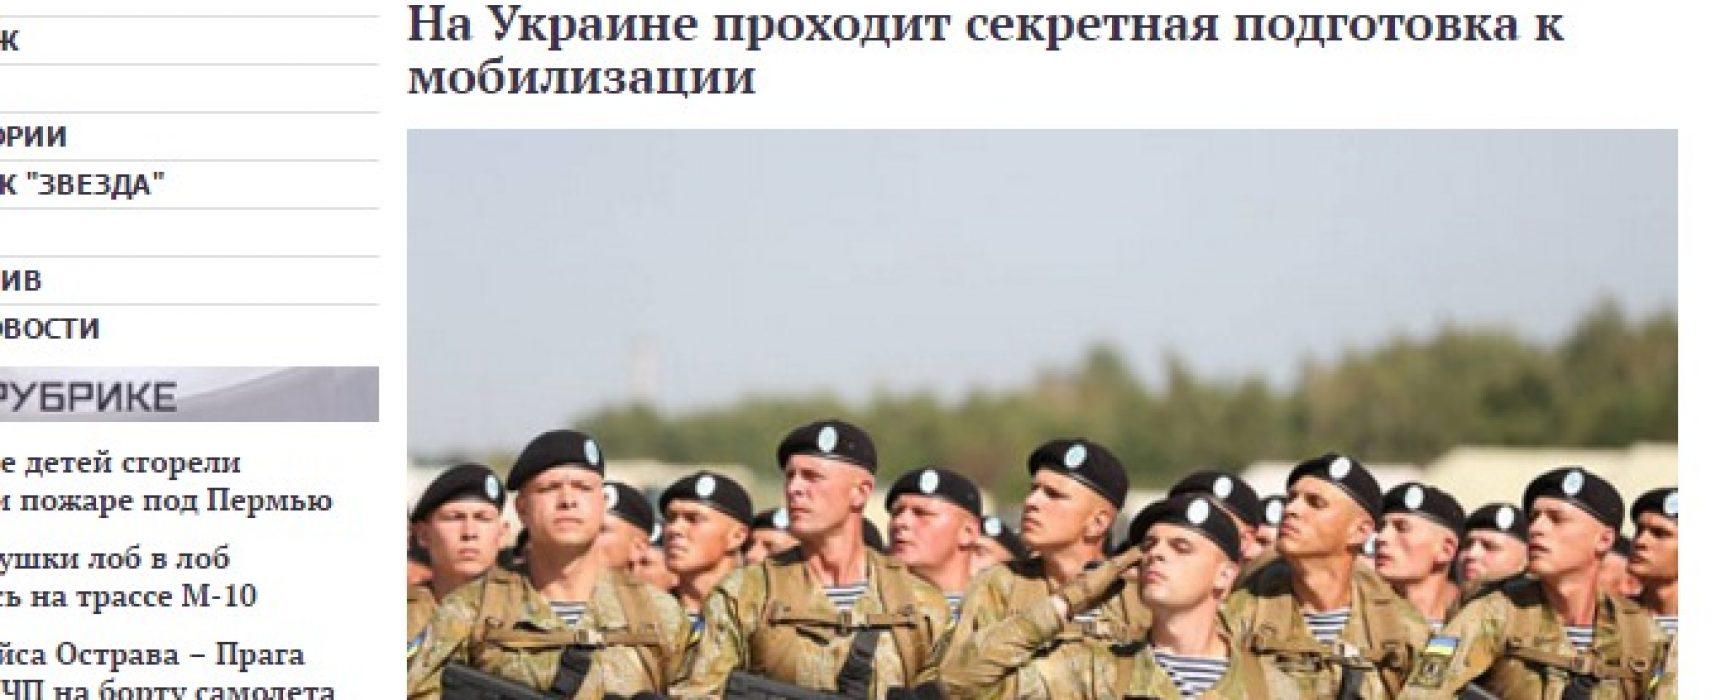 """Украинското министерство на отбраната опровергава съобщението на """"Вести"""" за тайна мобилизация"""